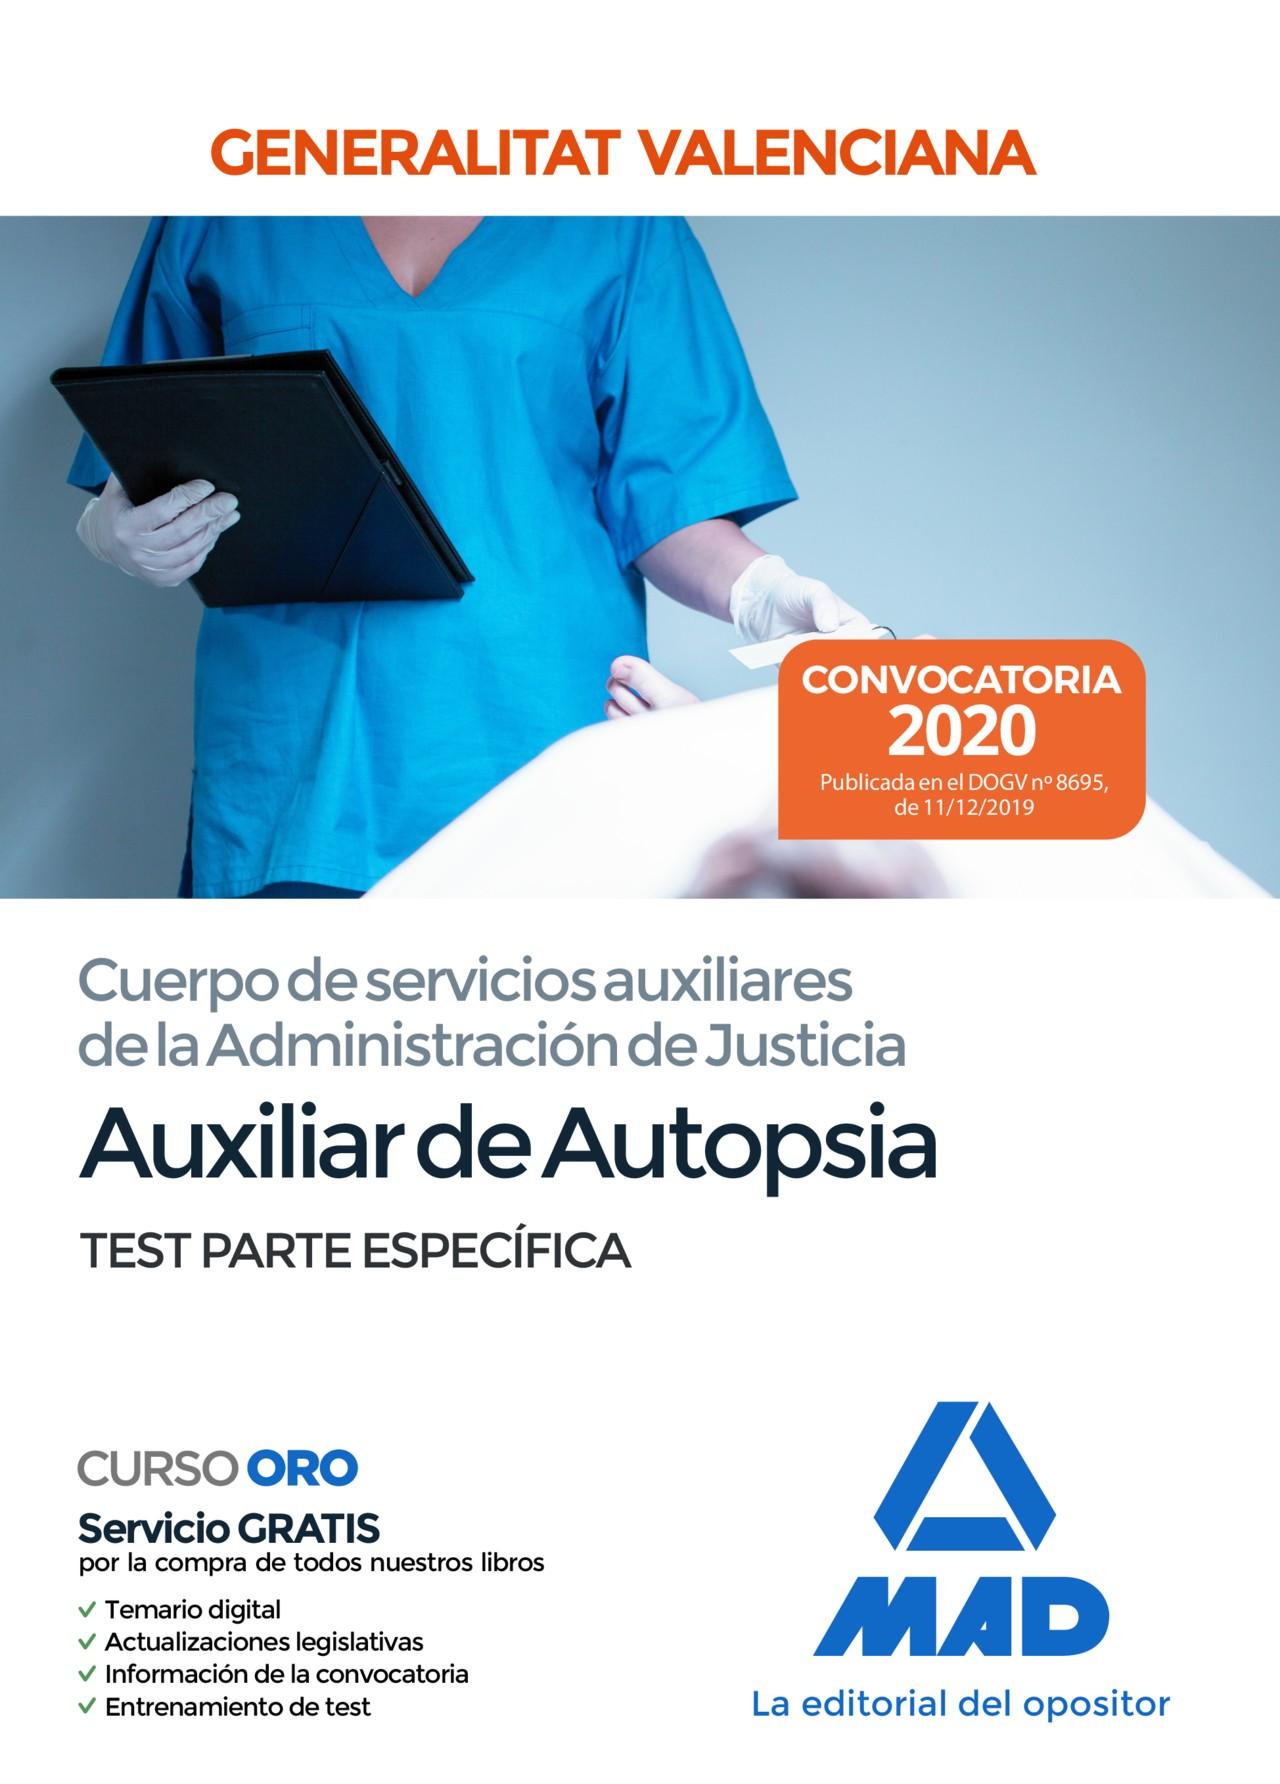 Auxiliar de Autopsia Cuerpo de servicios auxiliares de la Administración de Justicia de la Administración Generalitat Valenciana